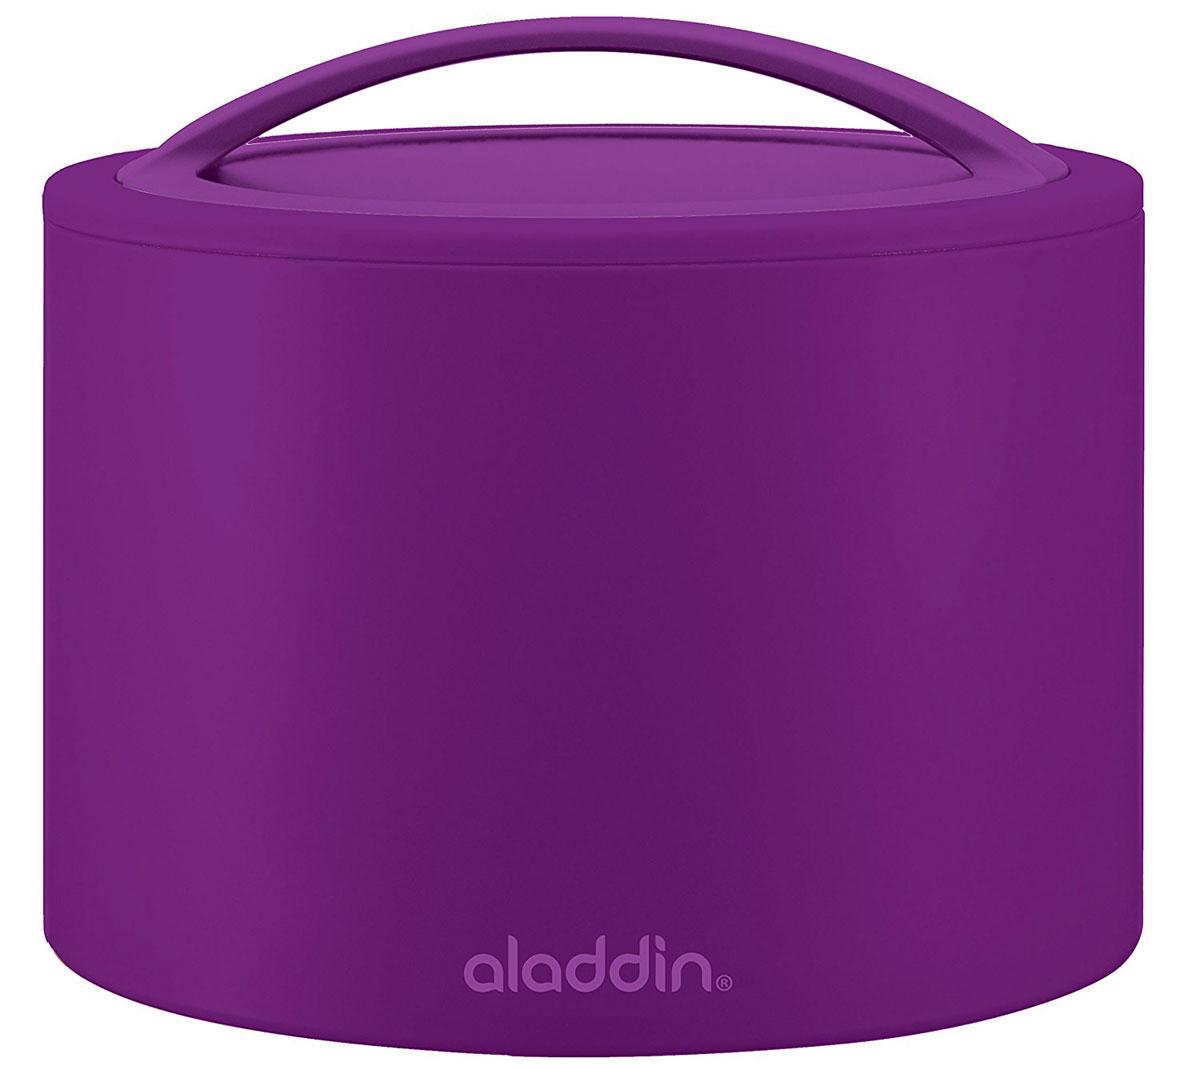 Ланч-бокс Aladdin Bento, цвет: фиолетовый, 0,6 л10-01134-038Удобный и надежный ланч-бокс Aladdin Bento для людей, которые поддерживают активный образ жизни, увлекаются спортом, соблюдают здоровое питание или просто любят наслаждаться блюдами собственного приготовления не только дома. Ланч-бокс оснащен завинчивающейся крышкой и сохраняет пищу горячей или холодной не менее 5 часов. Основными преимуществами является компактность и вместительность изделия, безопасный для здоровья материал и современный, функциональный дизайн.